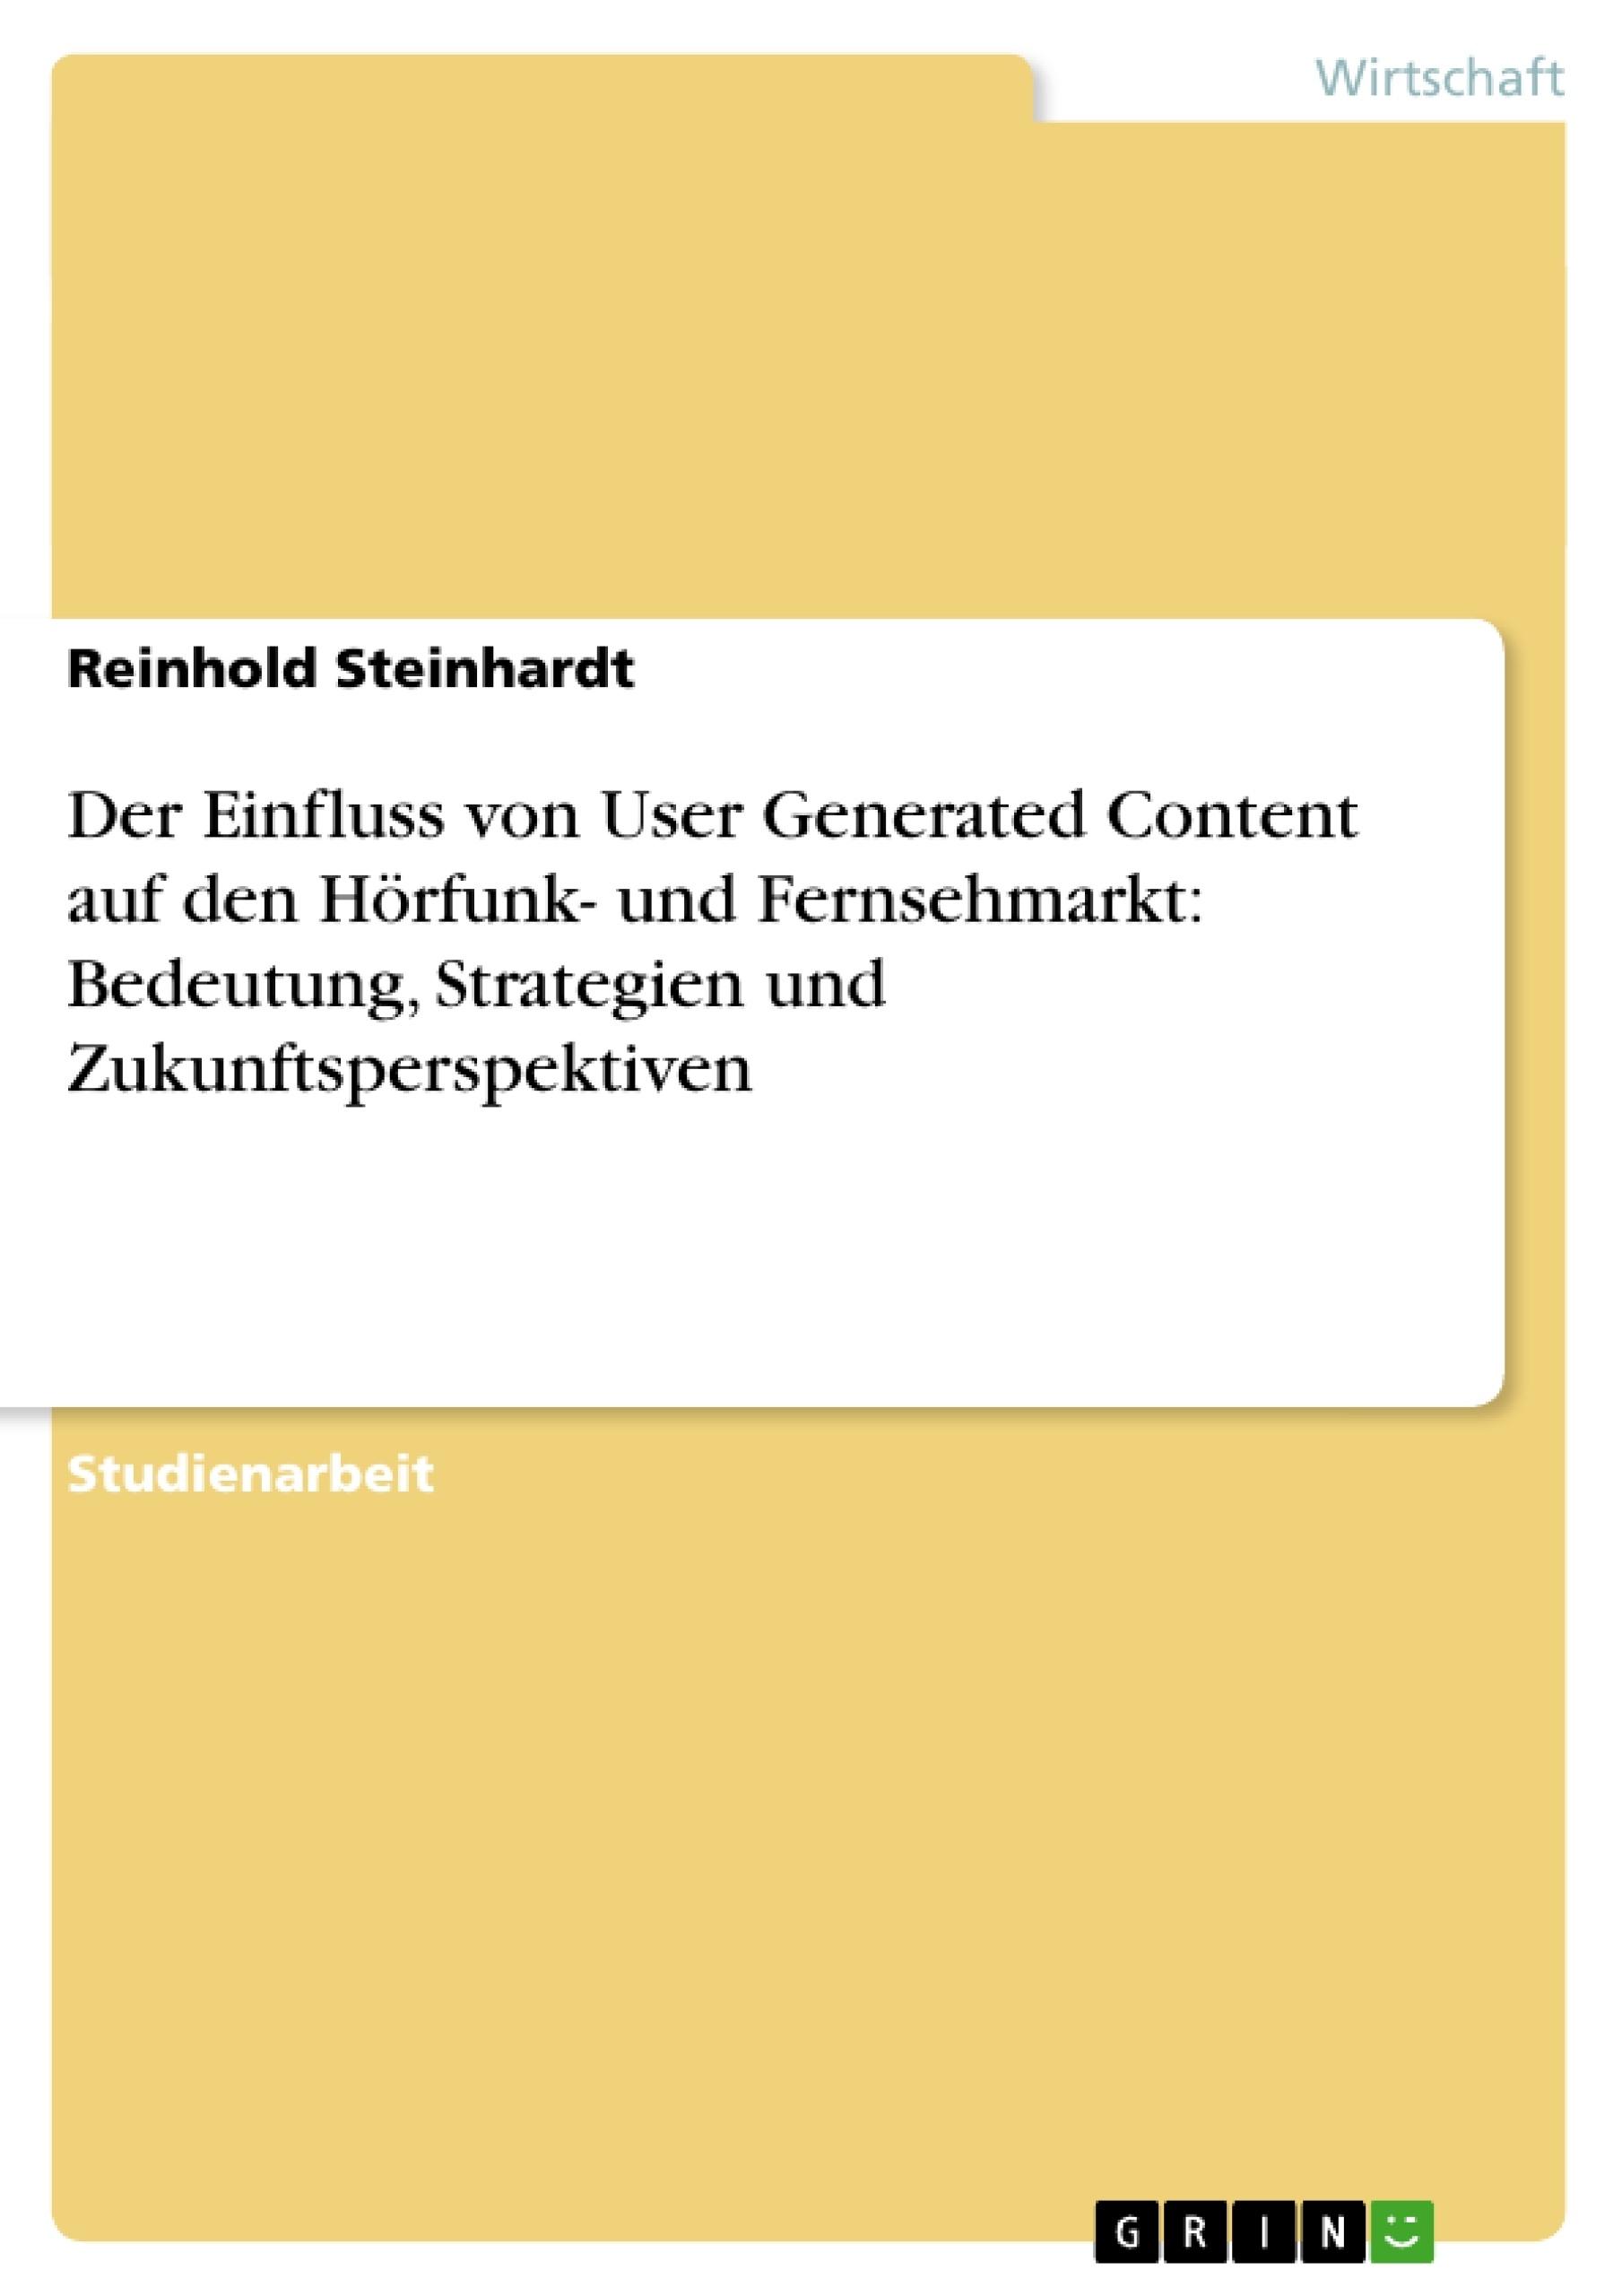 Titel: Der Einfluss von User Generated Content auf den Hörfunk- und Fernsehmarkt: Bedeutung, Strategien und Zukunftsperspektiven